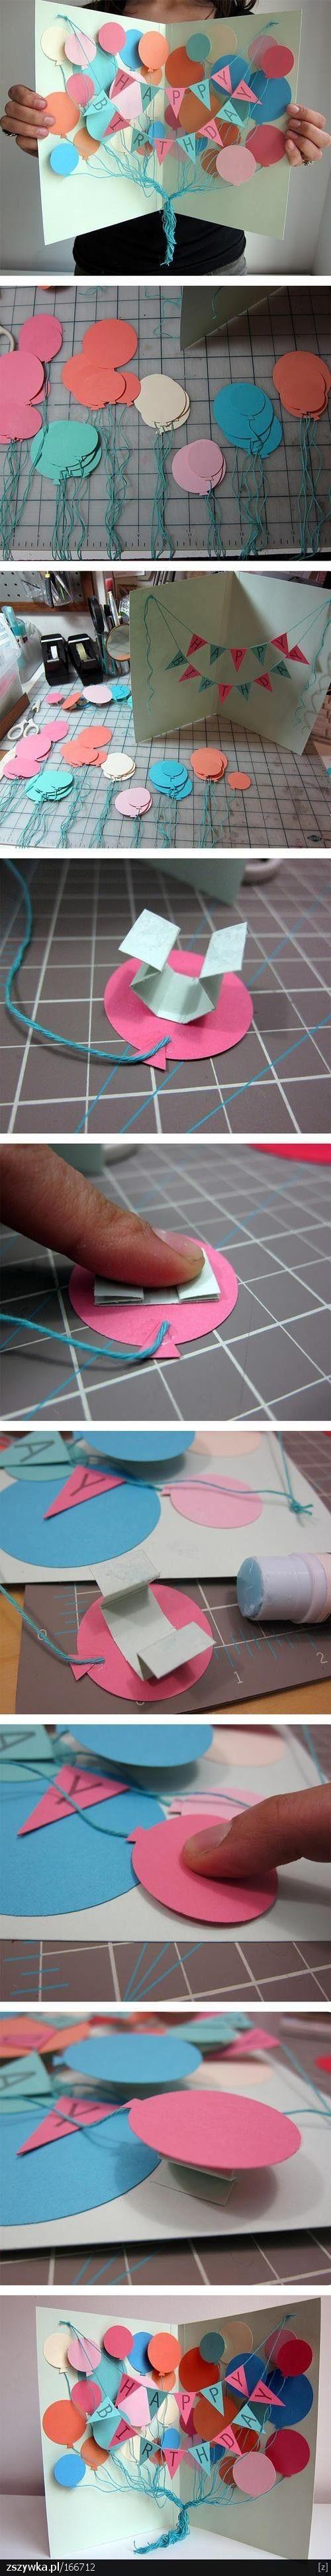 Pop up Birthday card  팝업 생일 축하카드 DIY